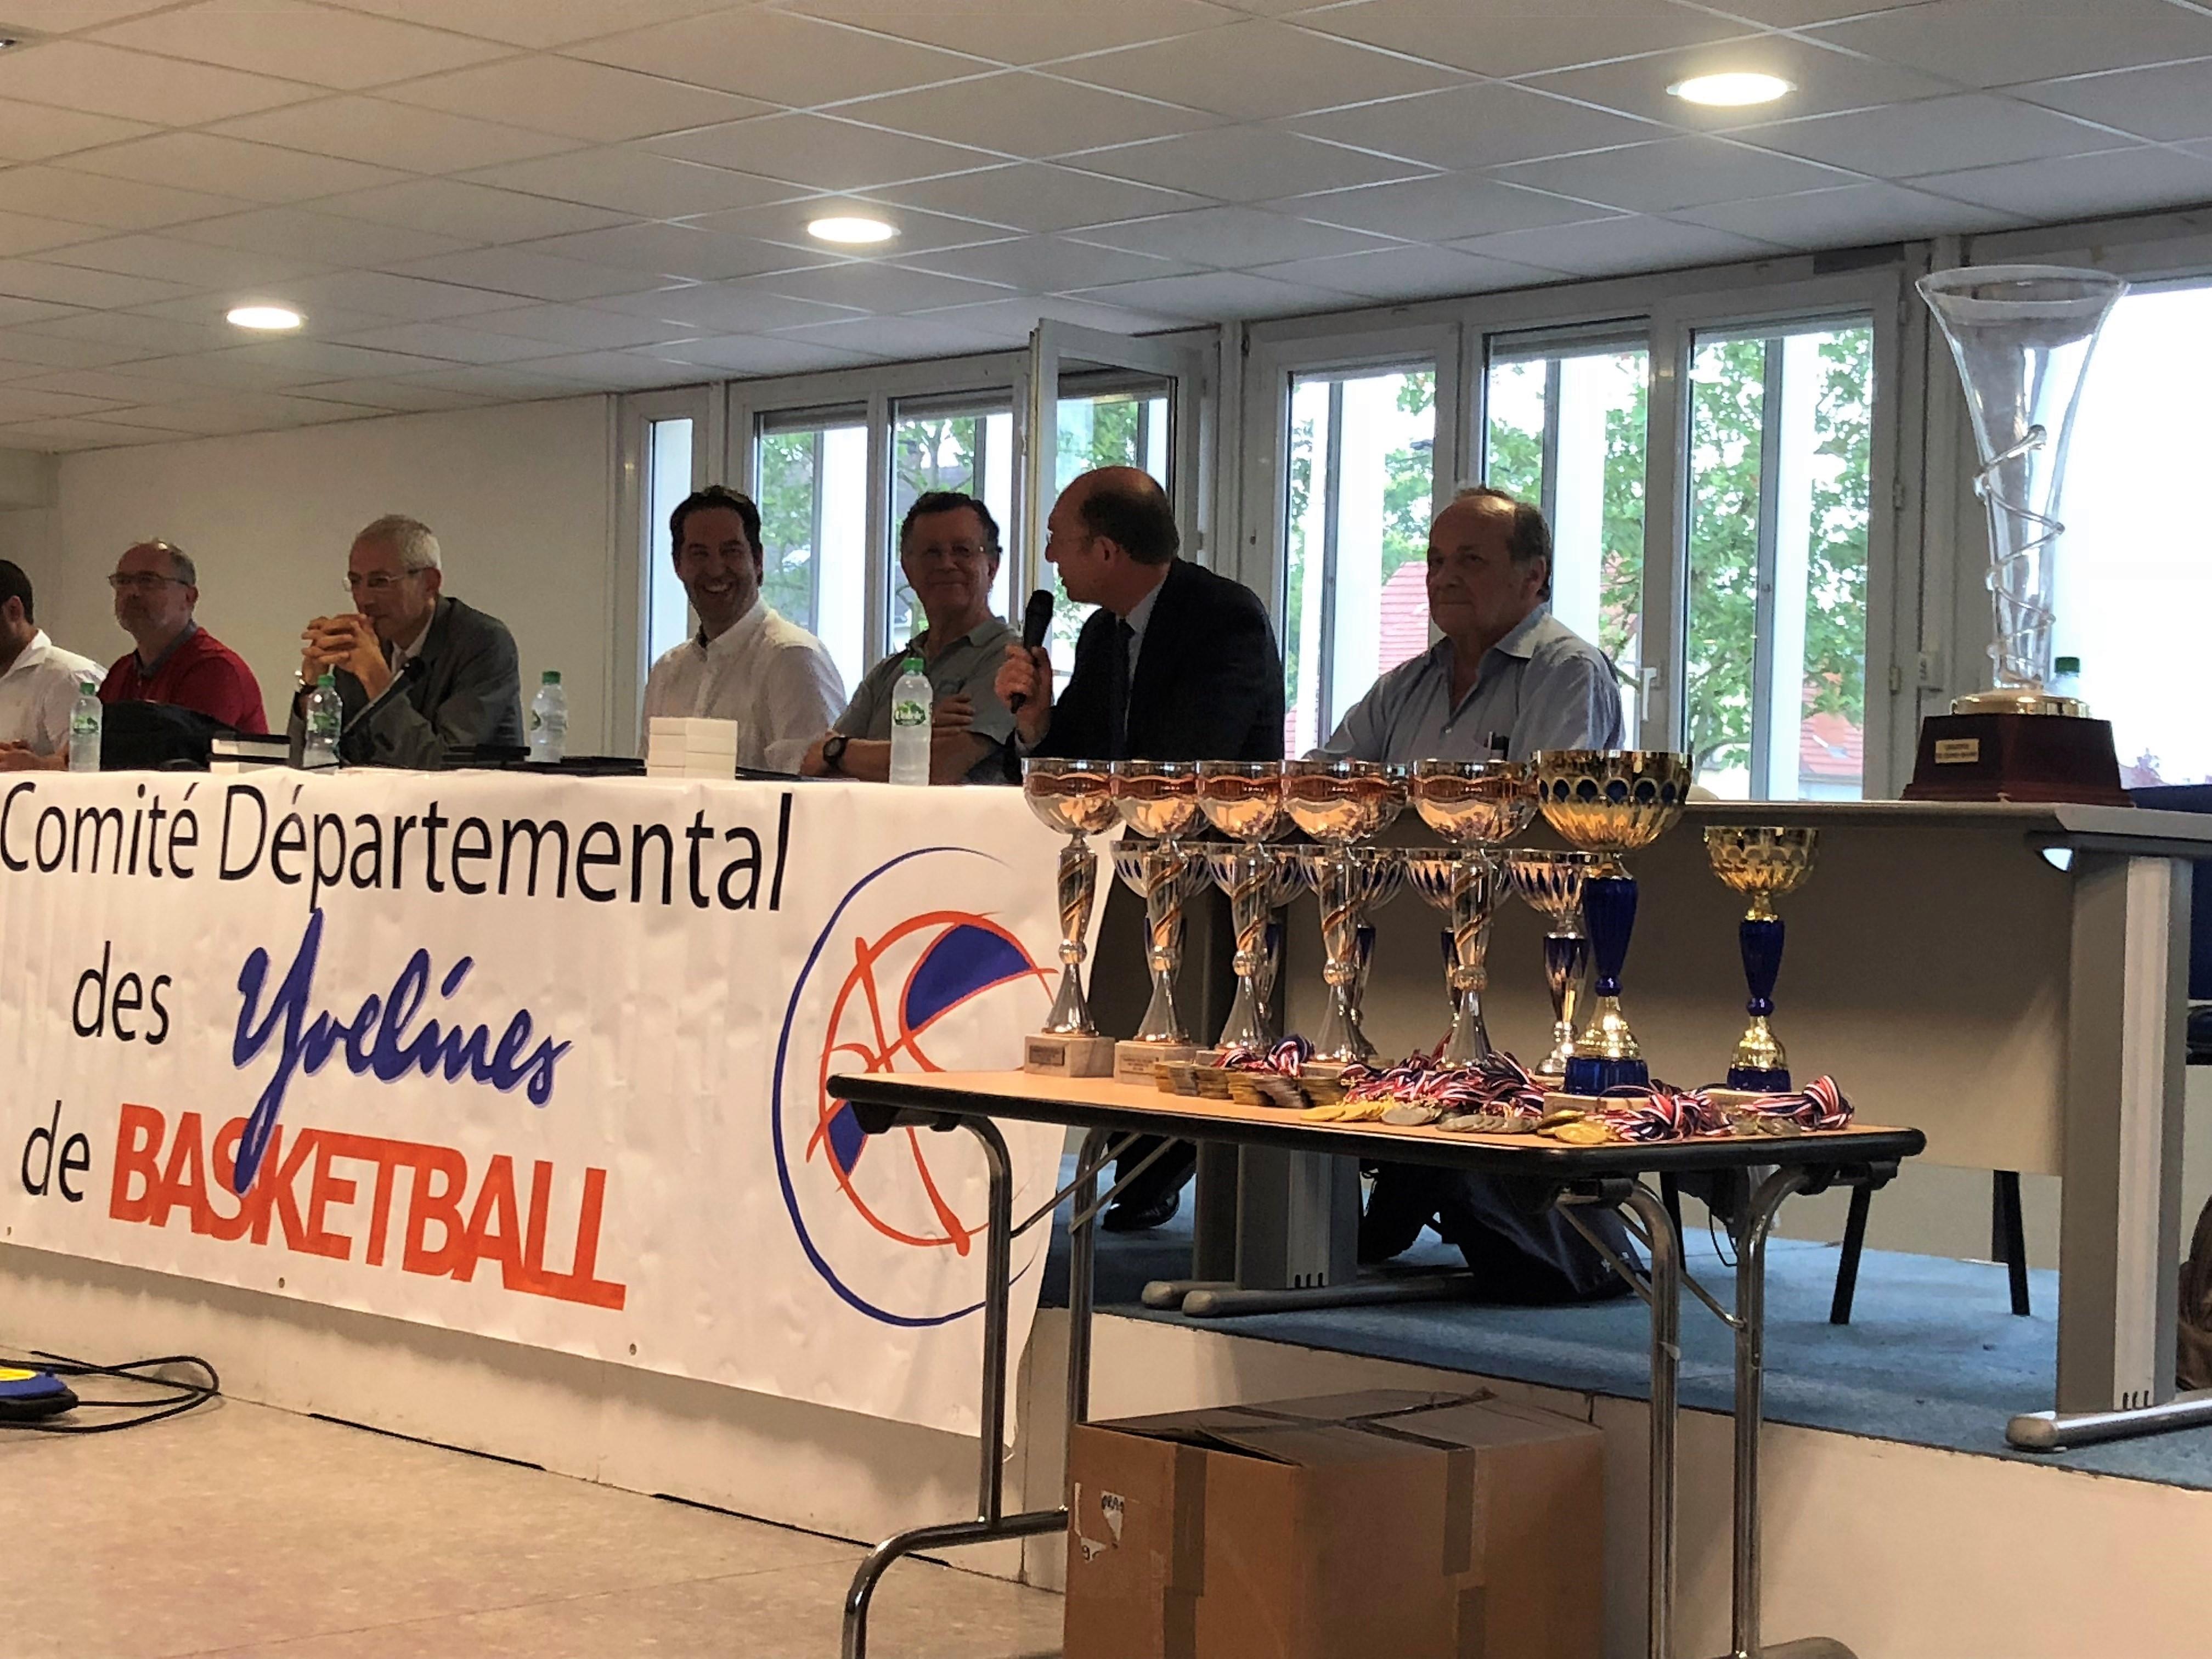 Assemblée Générale du Comité Départemental des Yvelines de Basket-Ball à Mantes-la-Jolie